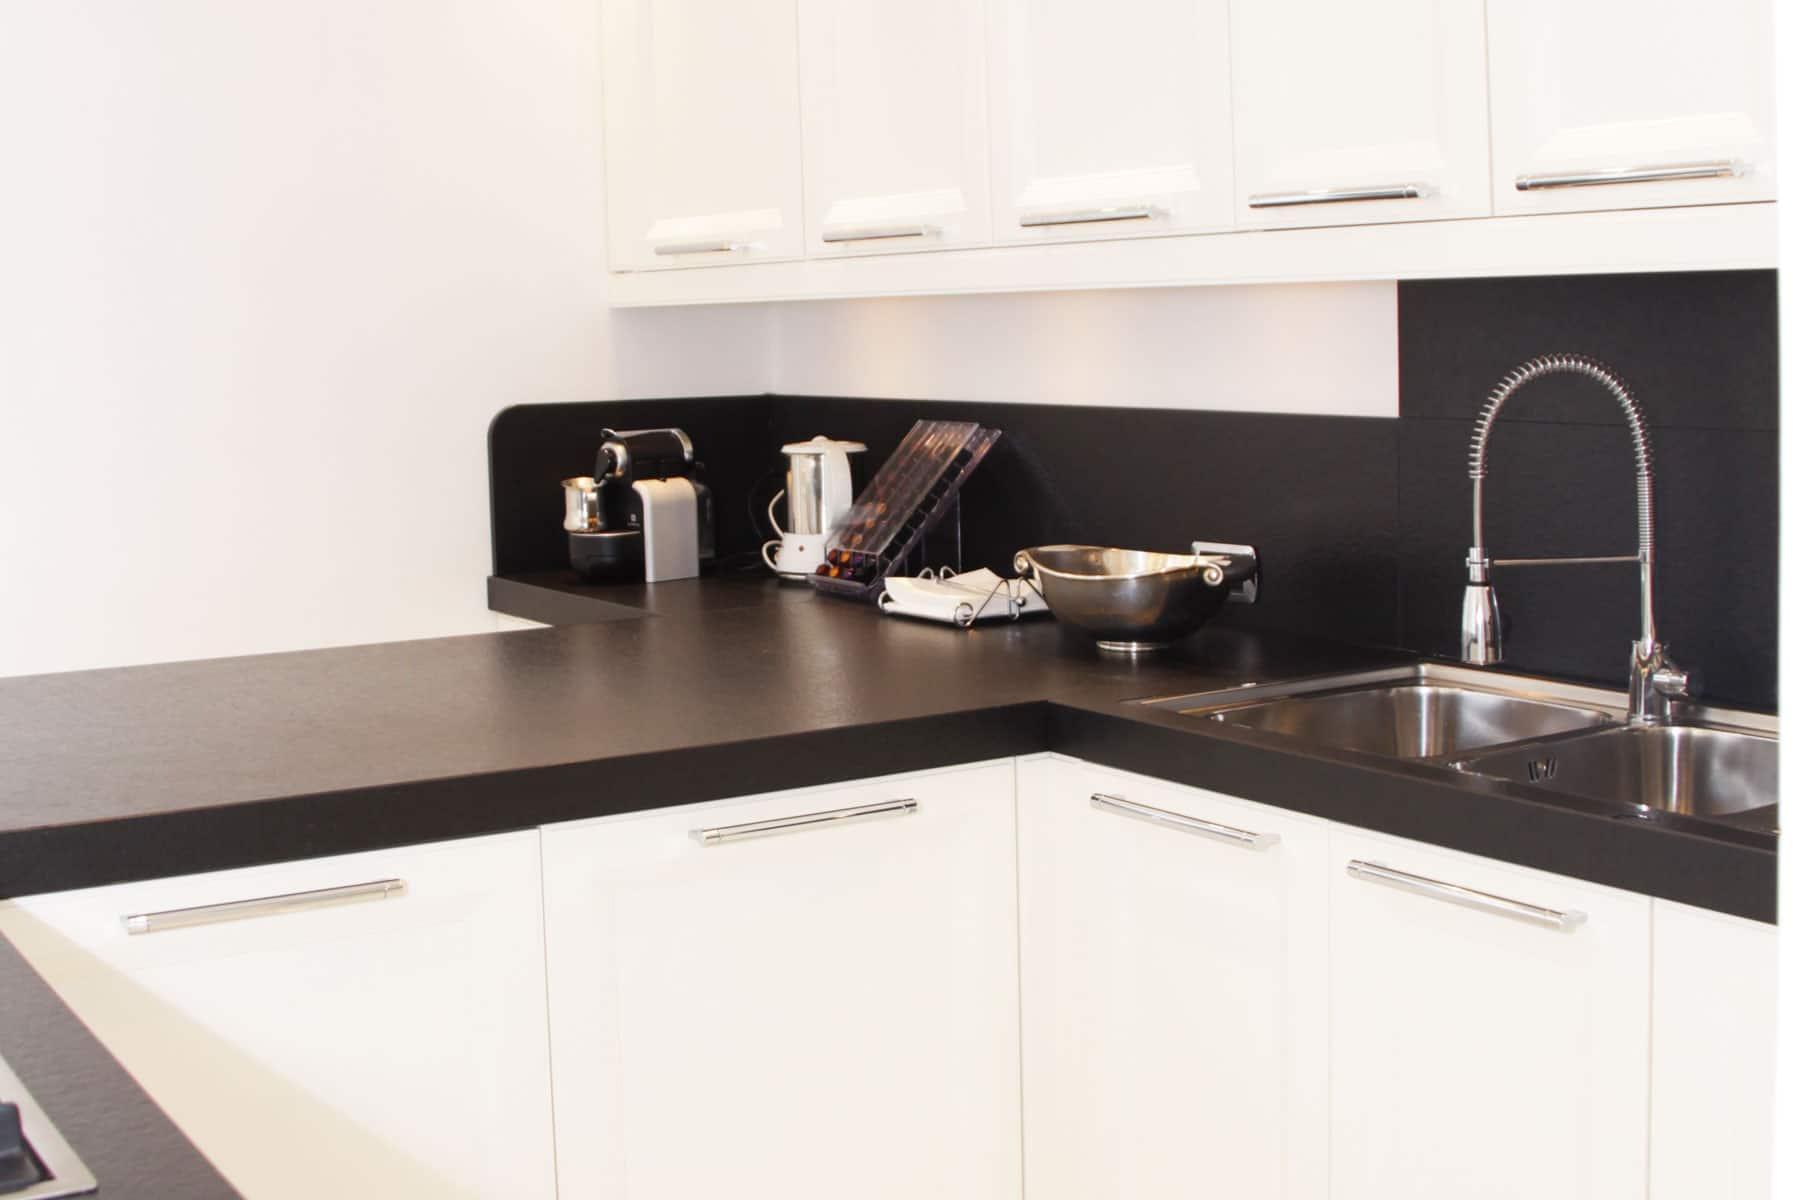 Cucina con piani in ardesia - Falegnameria Caponi